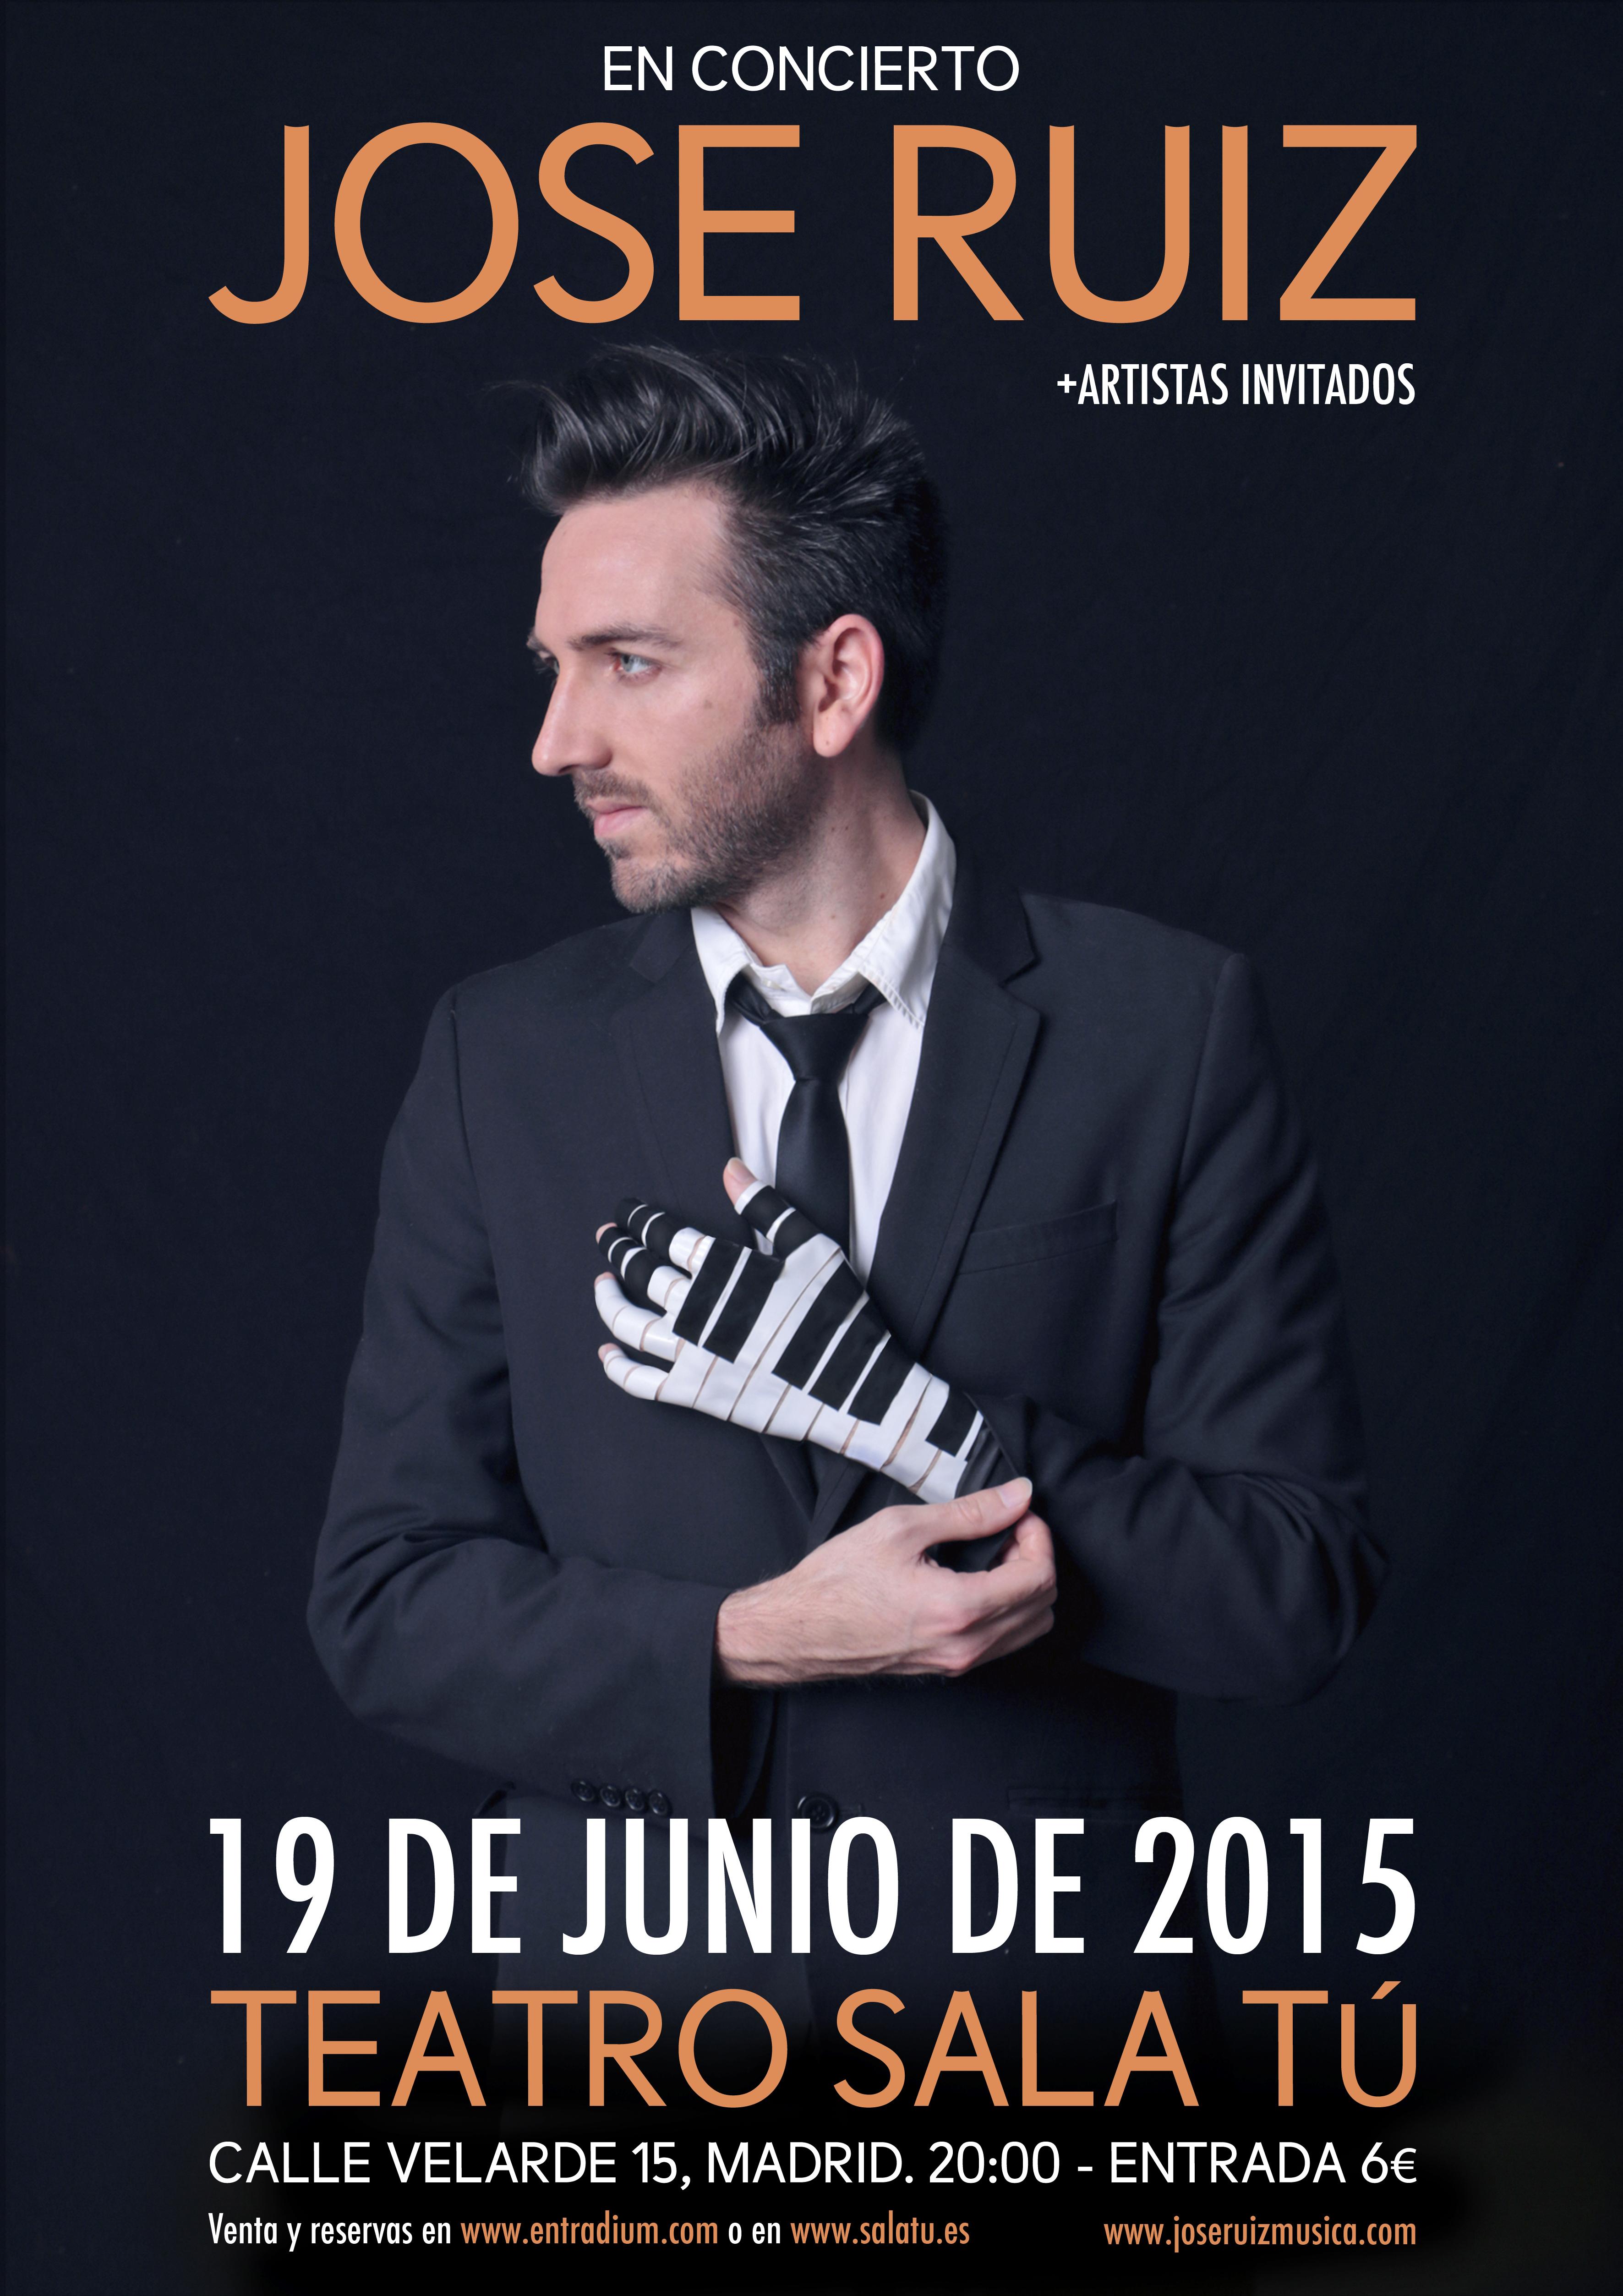 Cartel de un concierto de Jose Ruiz